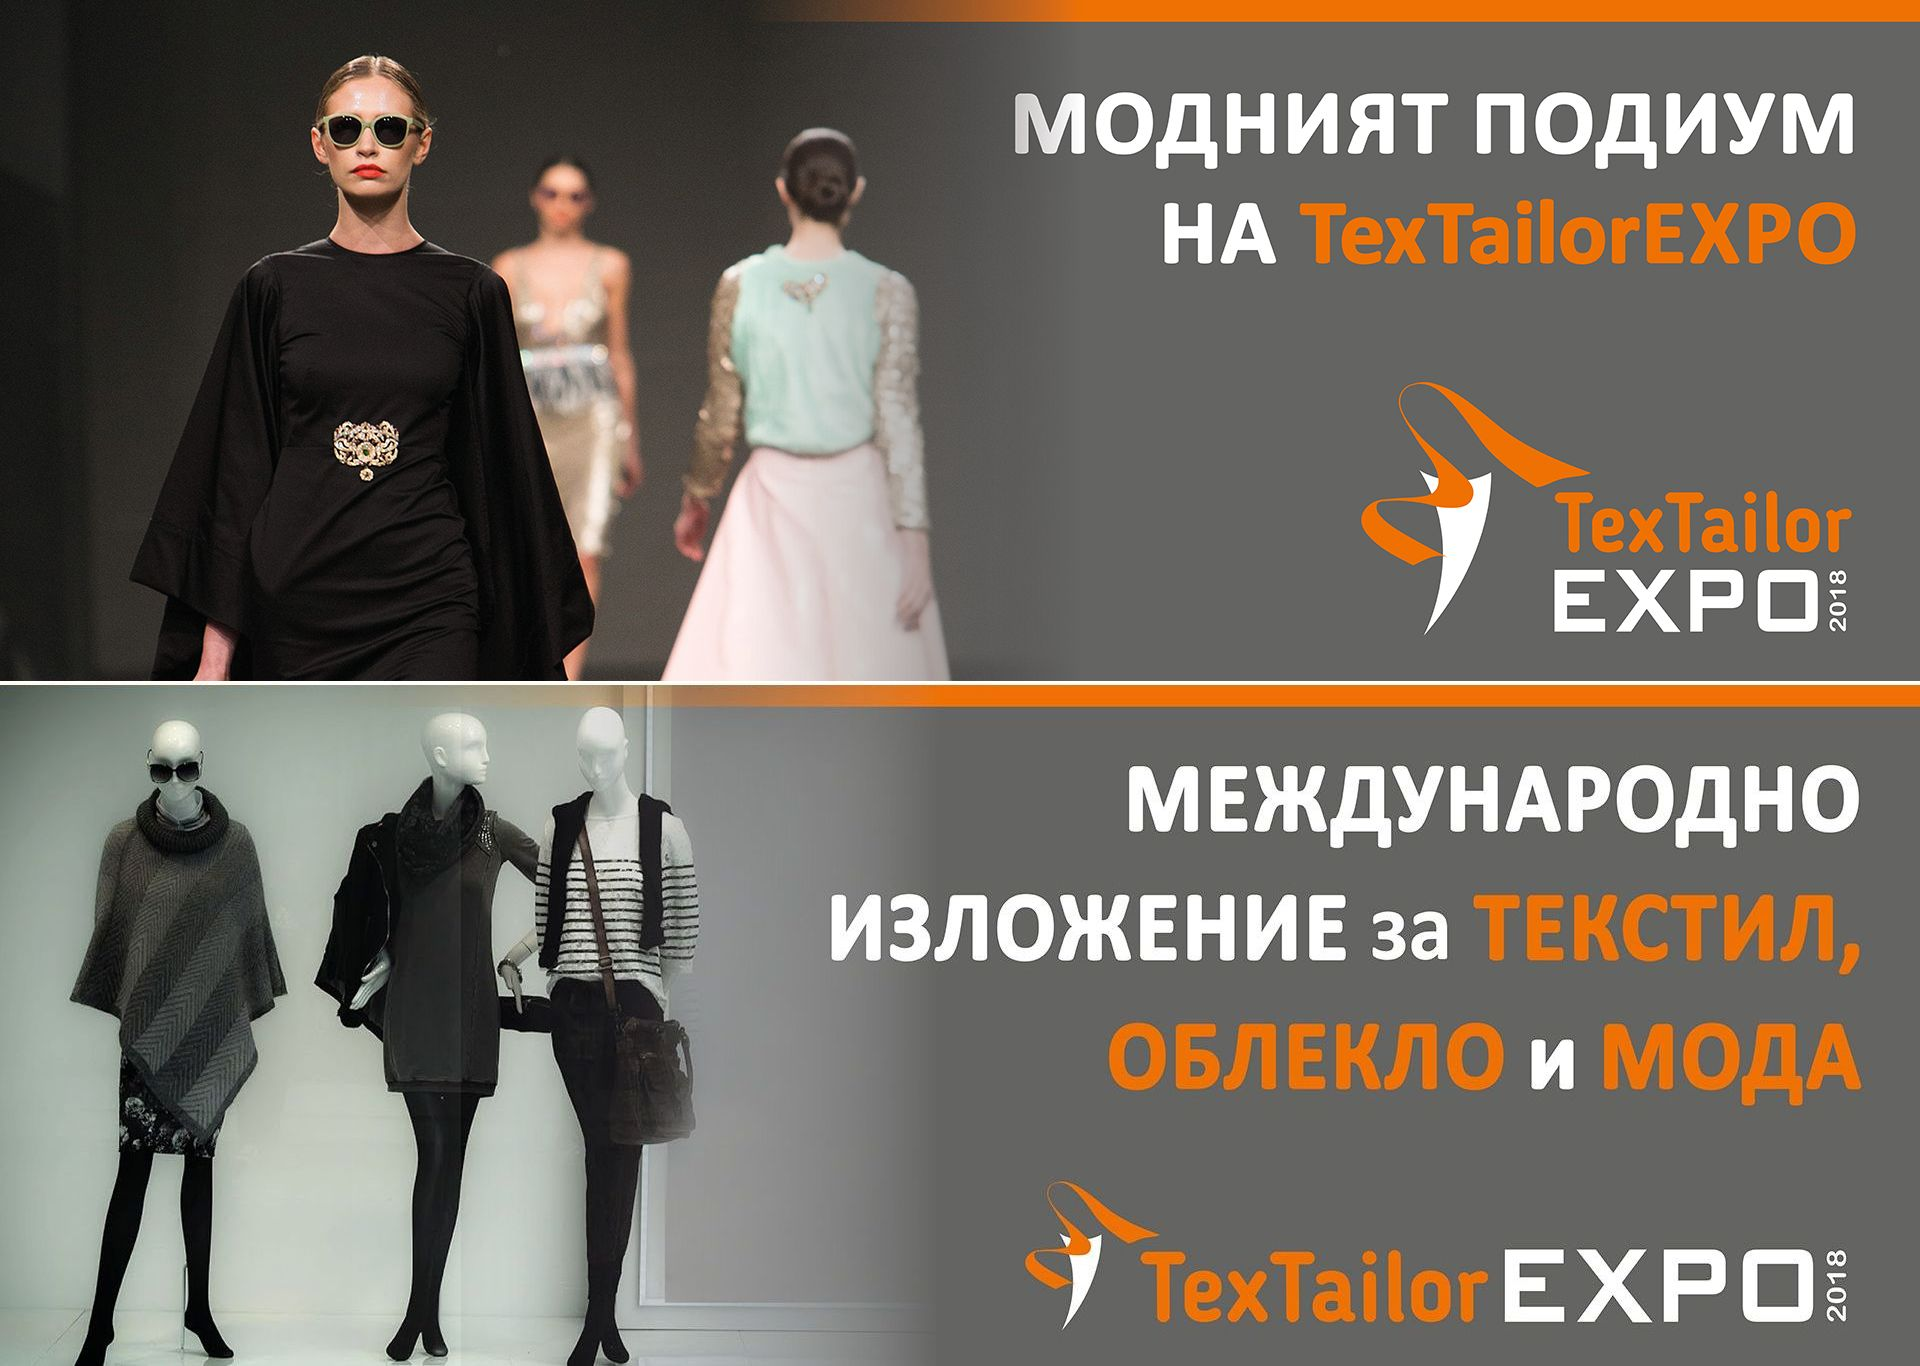 """Биомода и облекла за цветотерапия ще видим на """"ТексТейлър Експо 2018"""""""